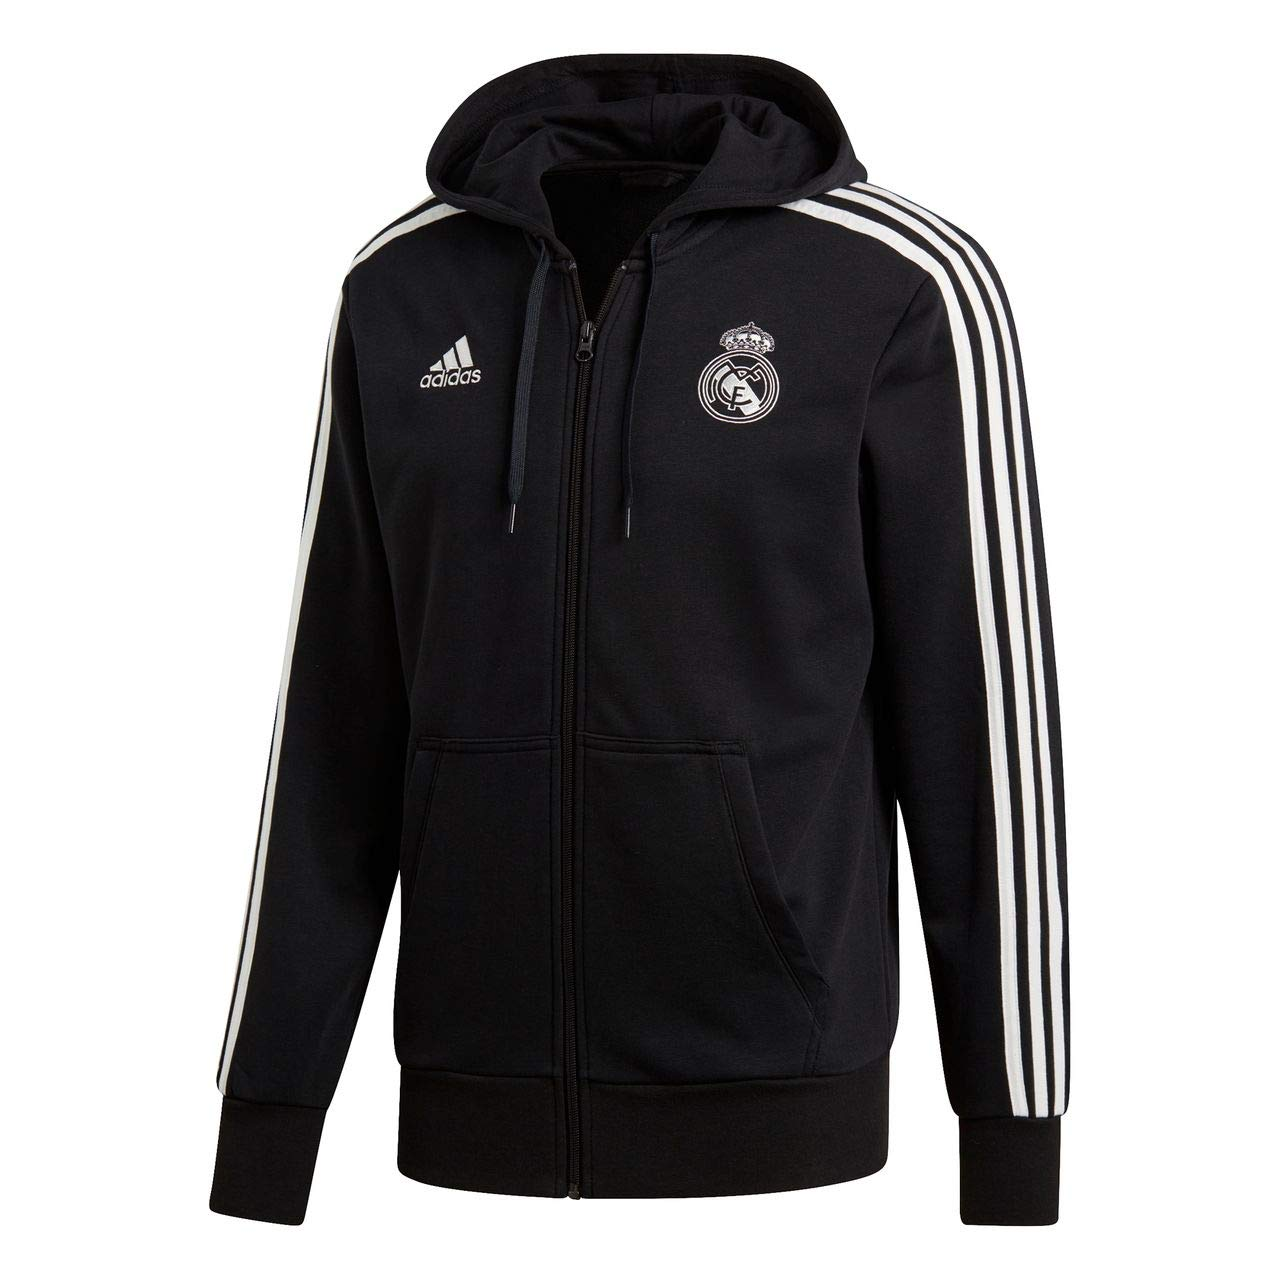 adidas 2018 2019 Real Madrid 3S Hooded Zip (Black)